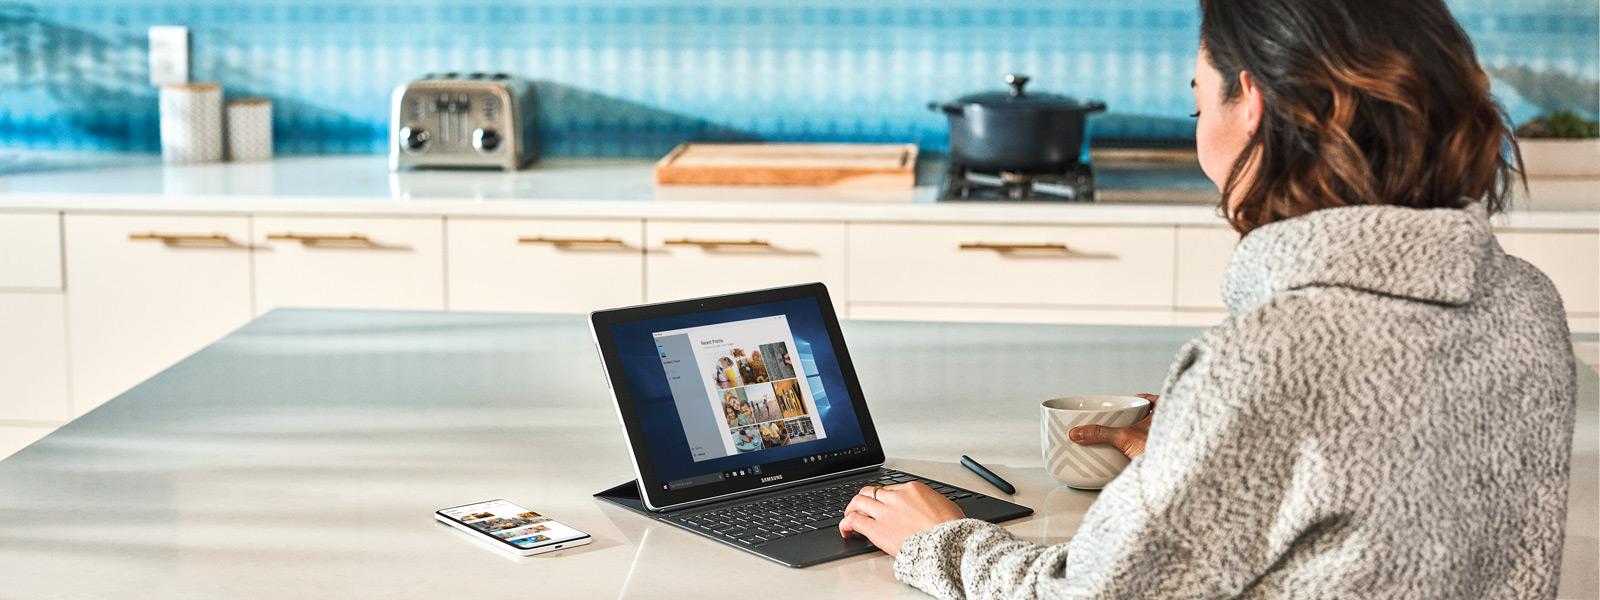 Mujer sentada en el mostrador de la cocina y usando un portátil Windows 10 con su celular